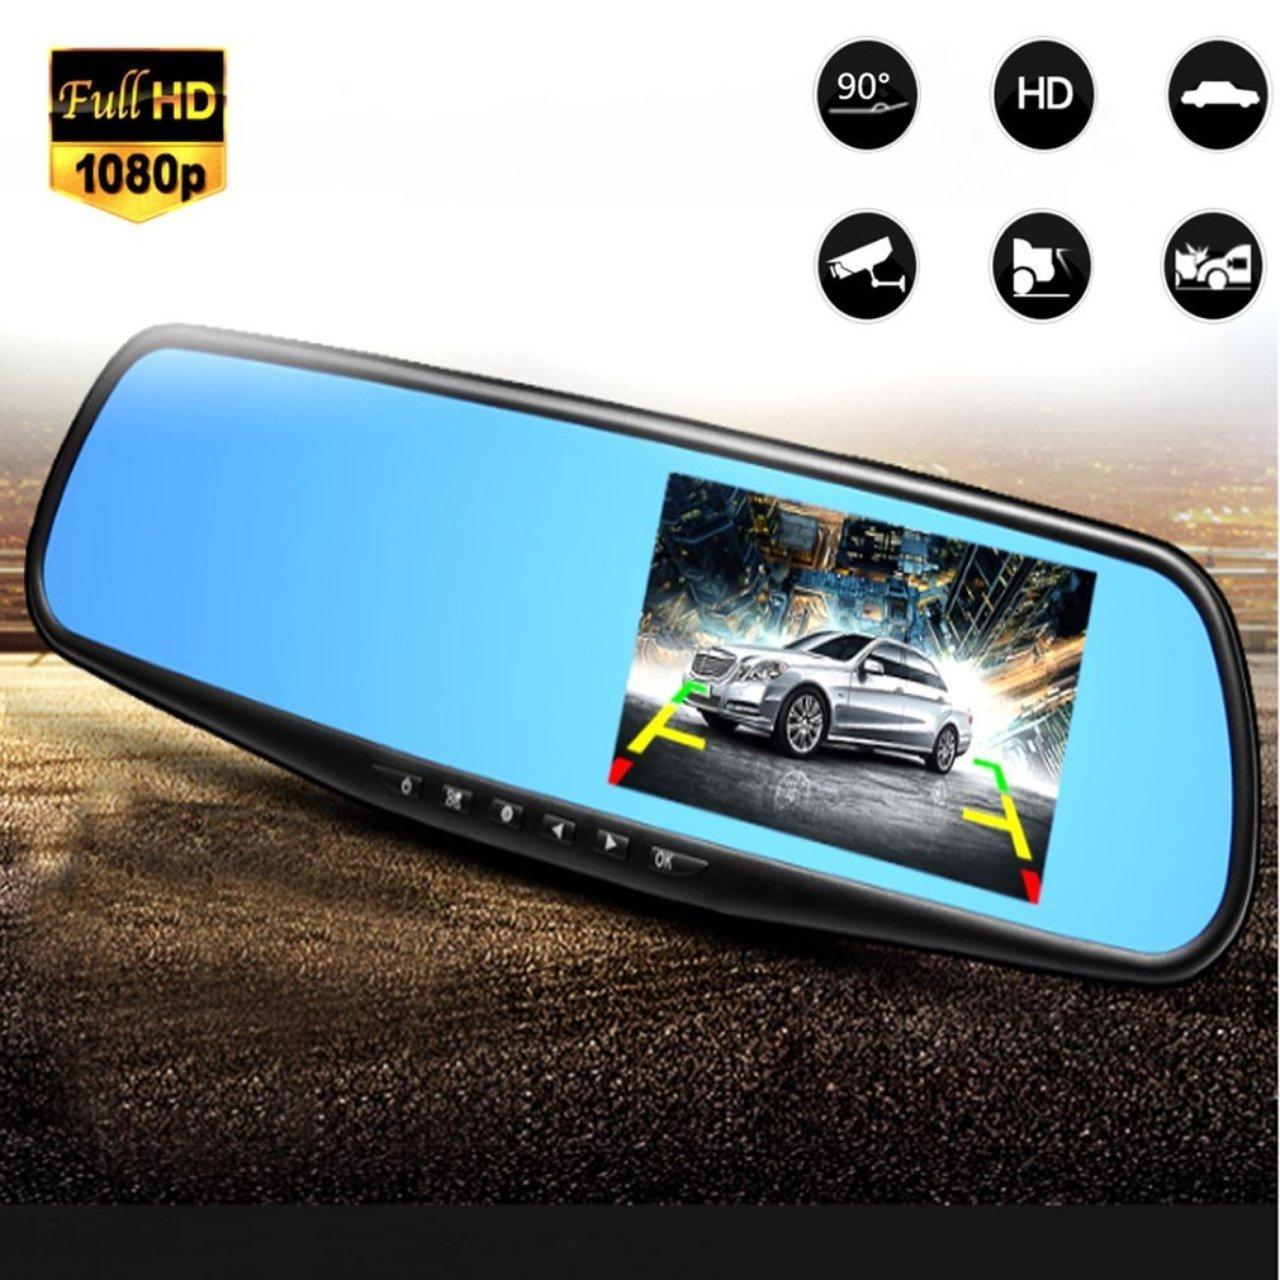 Jasnyfall 1080 P Full HD R/étroviseur Nuit Vision Voiture DVR Dash Cam 90 Degr/és Vue Ange Voiture Enregistreur Vid/éo Automobile Accessoires